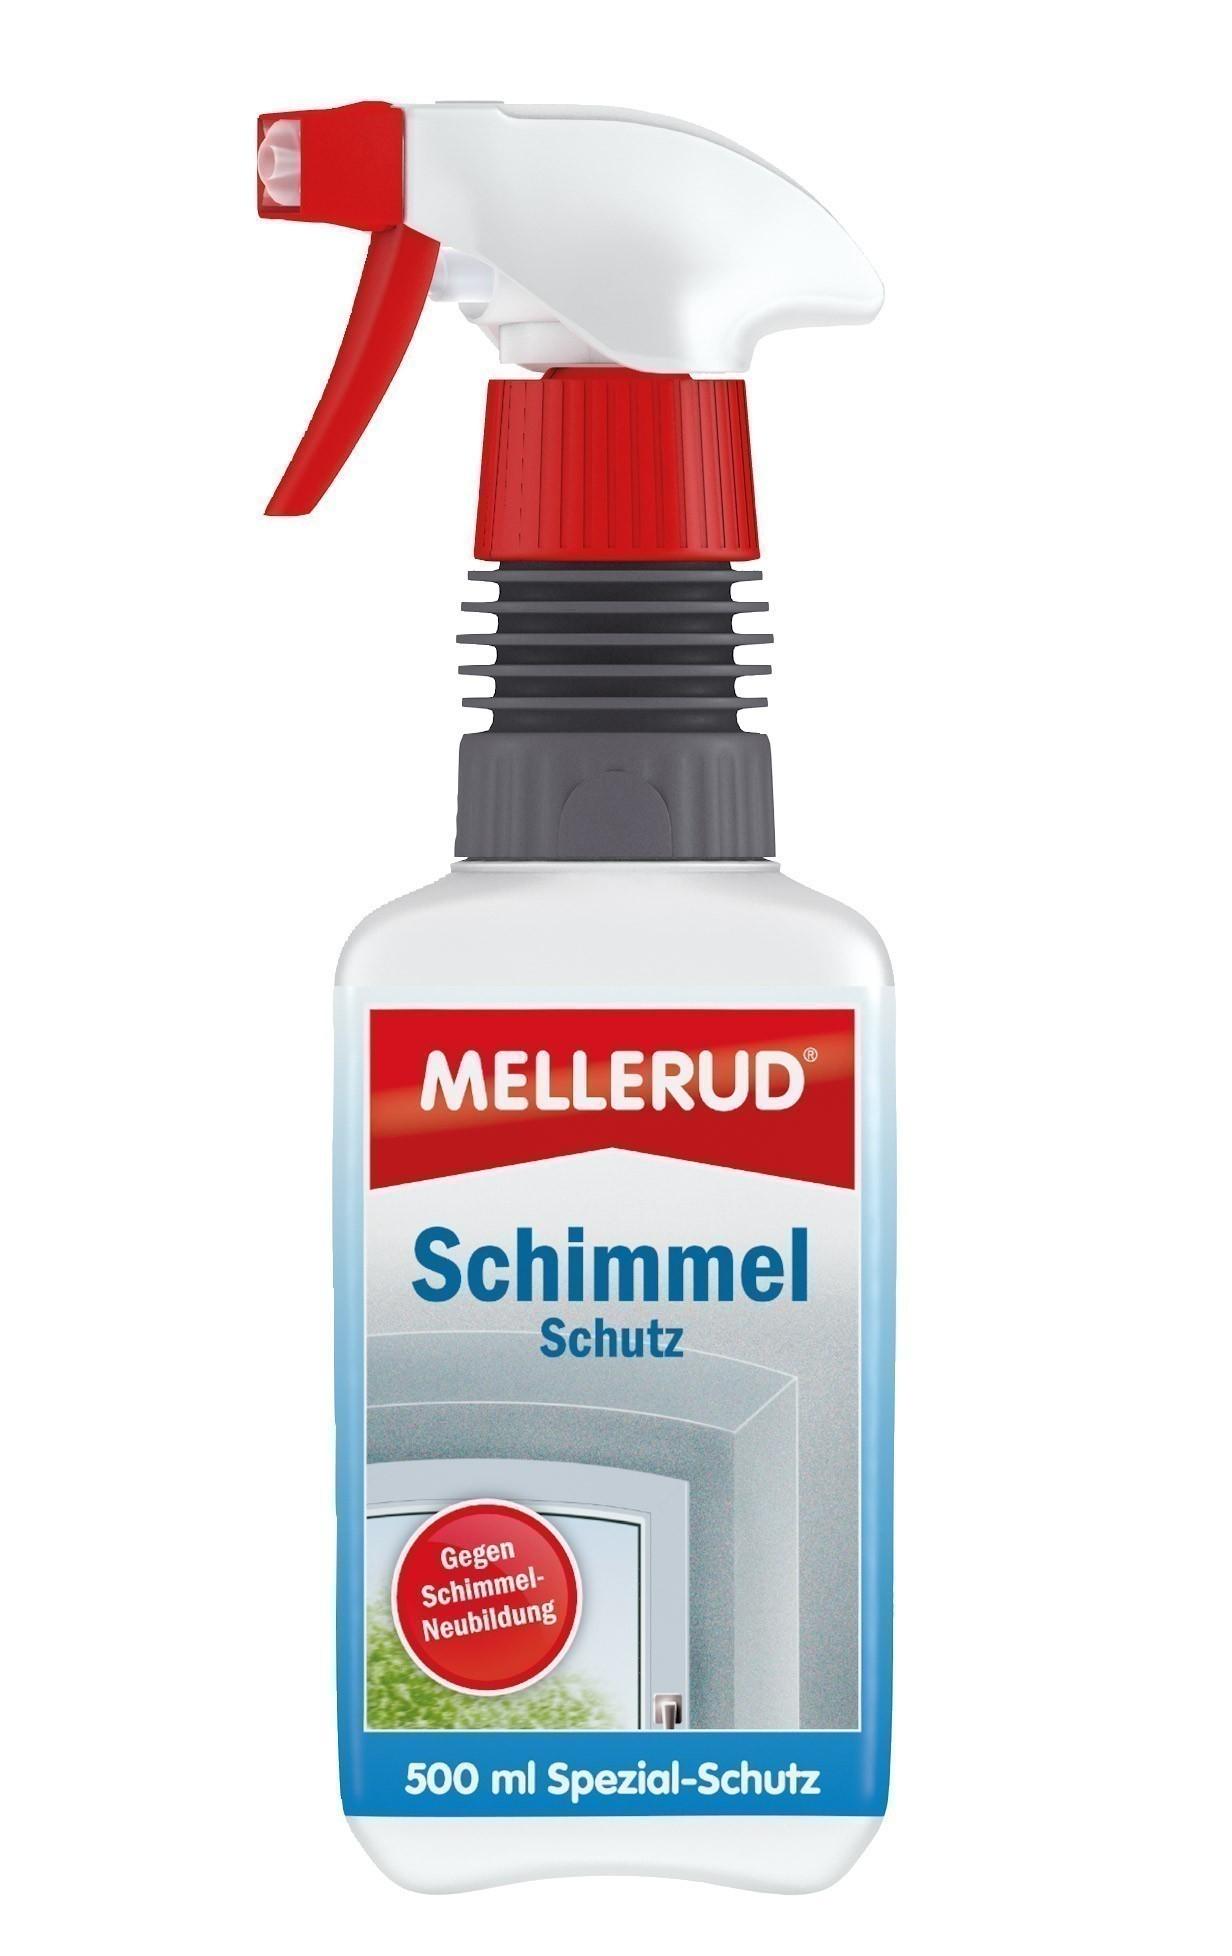 MELLERUD Schimmel Schutz 0,5 Liter Bild 1